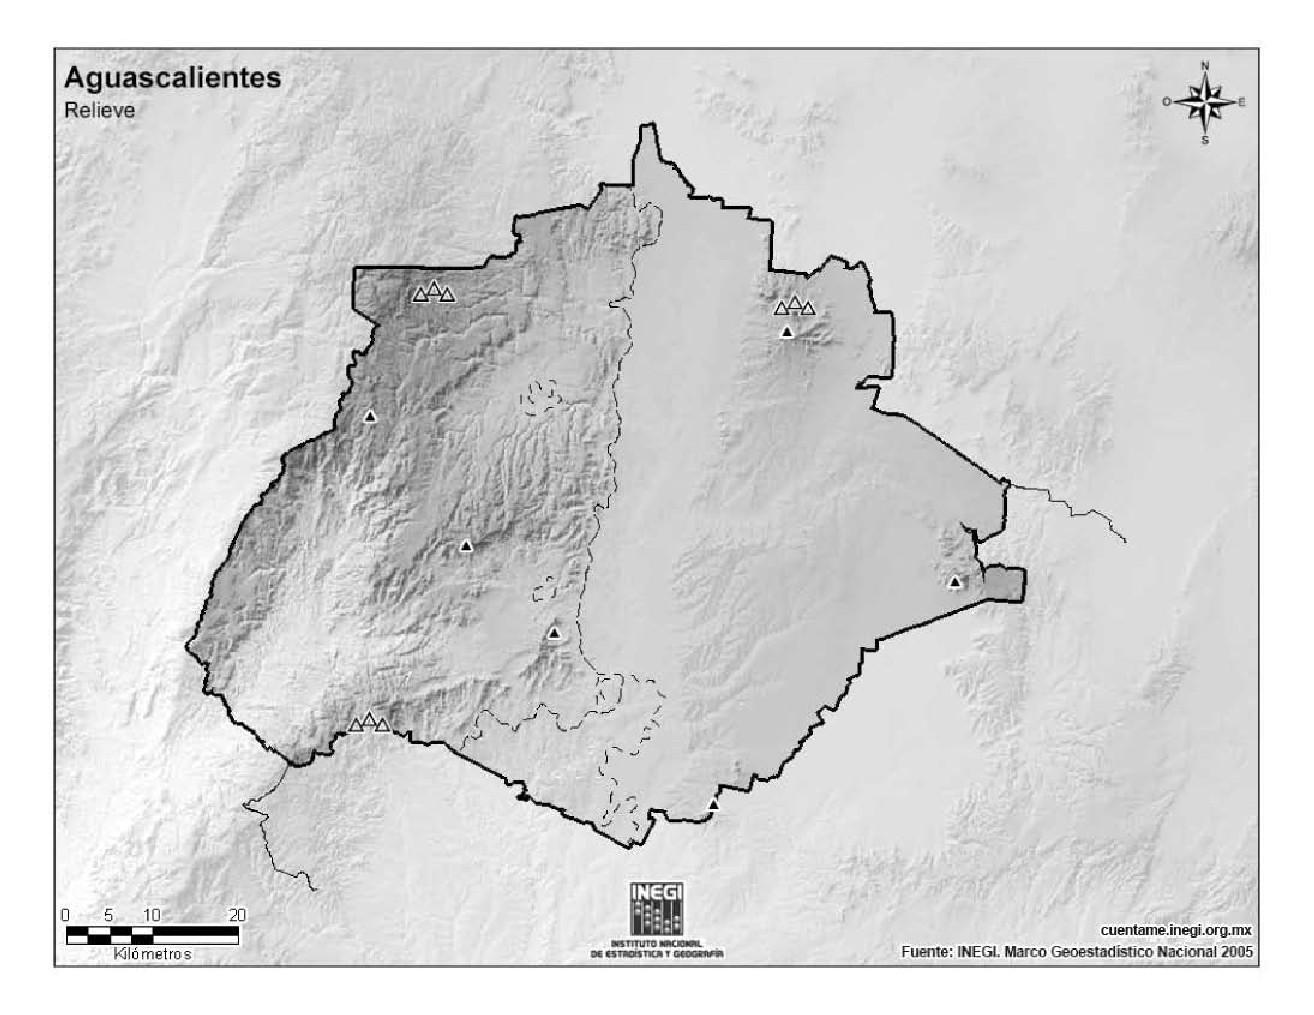 Mapa mudo de montañas de Aguascalientes. INEGI de México